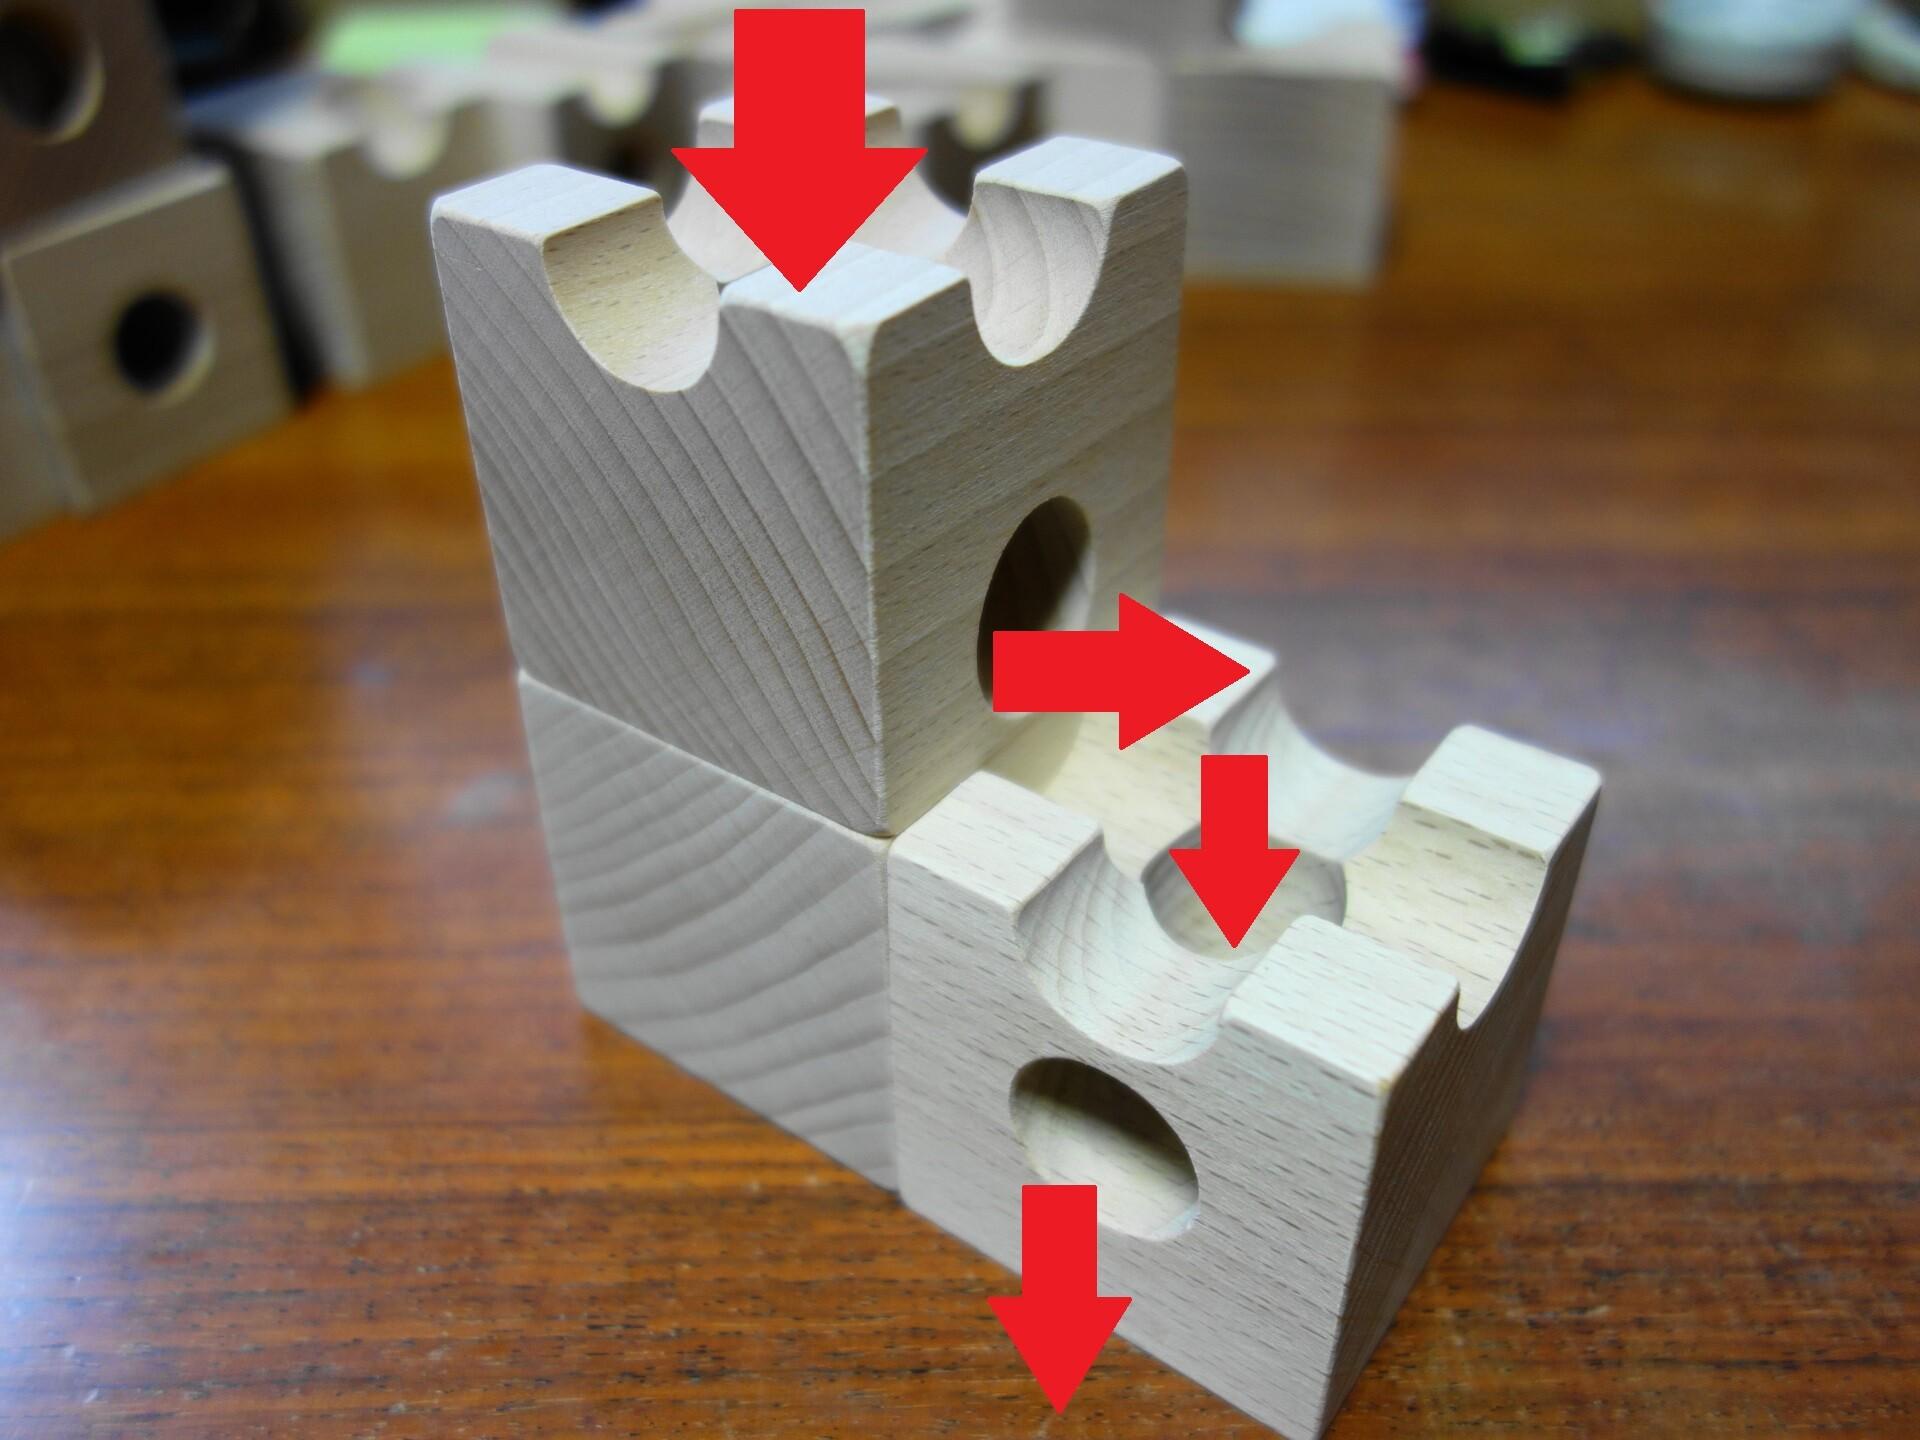 キュボロの玉の基本動作